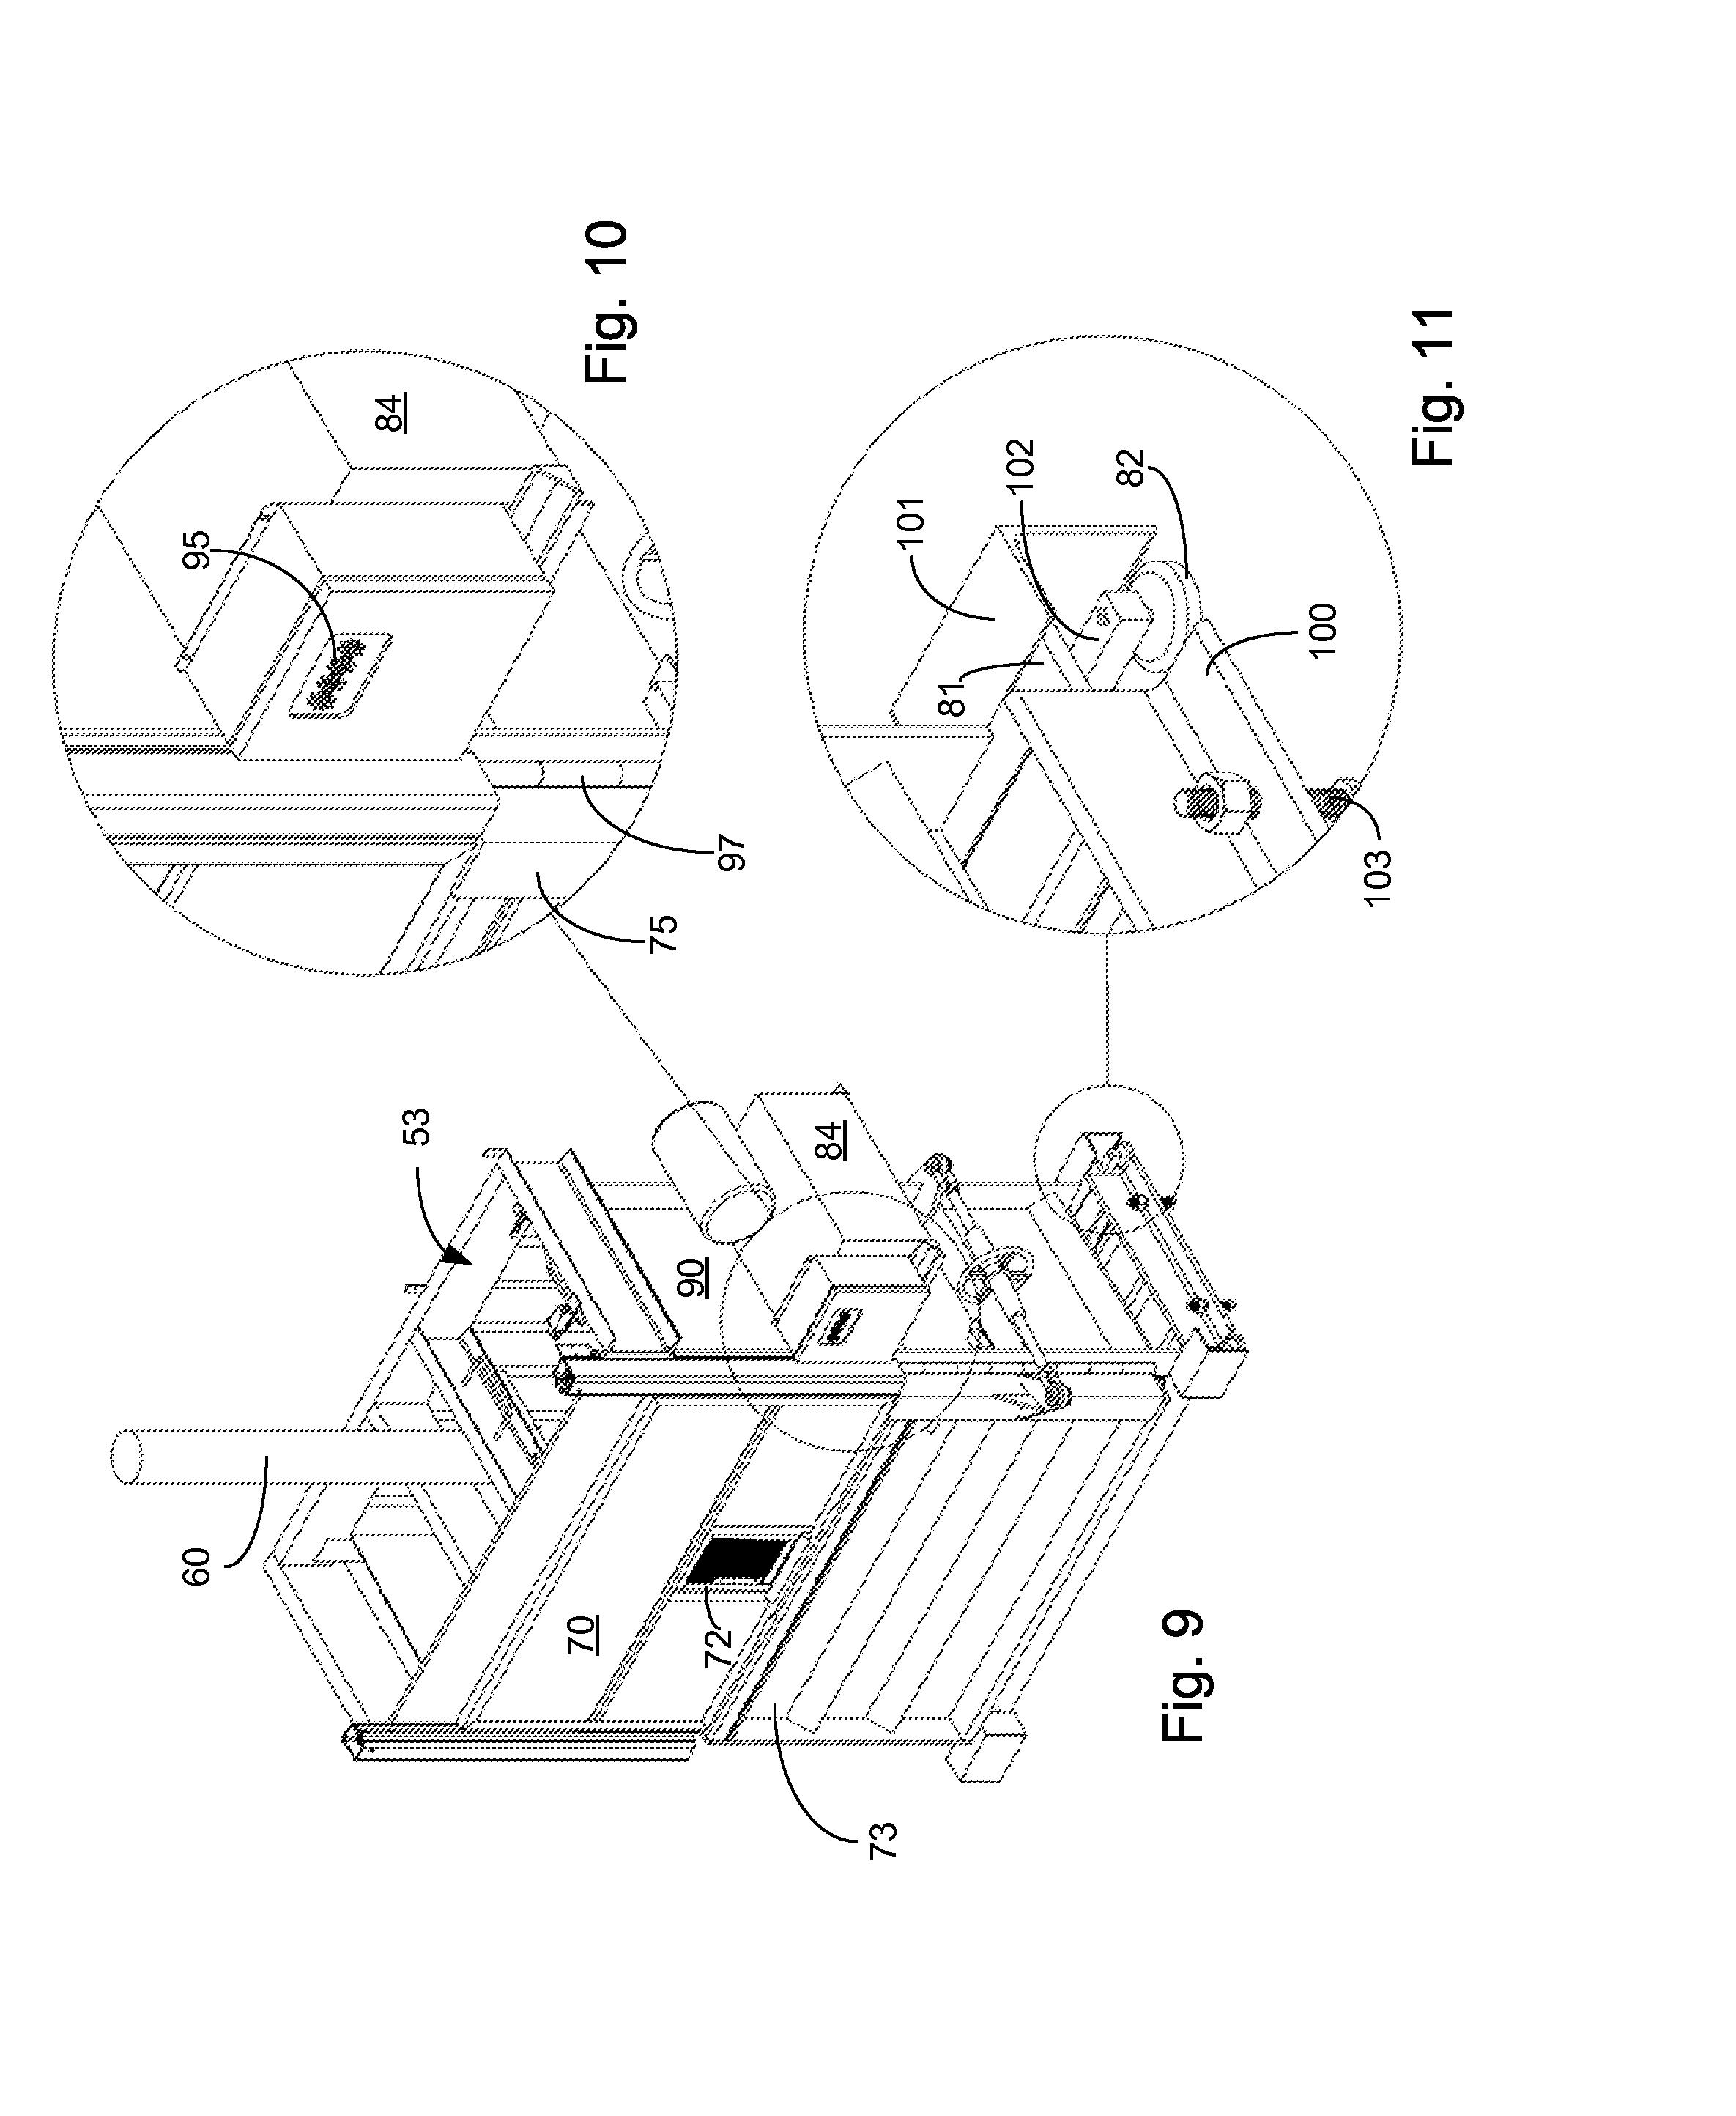 pac mor wiring diagram